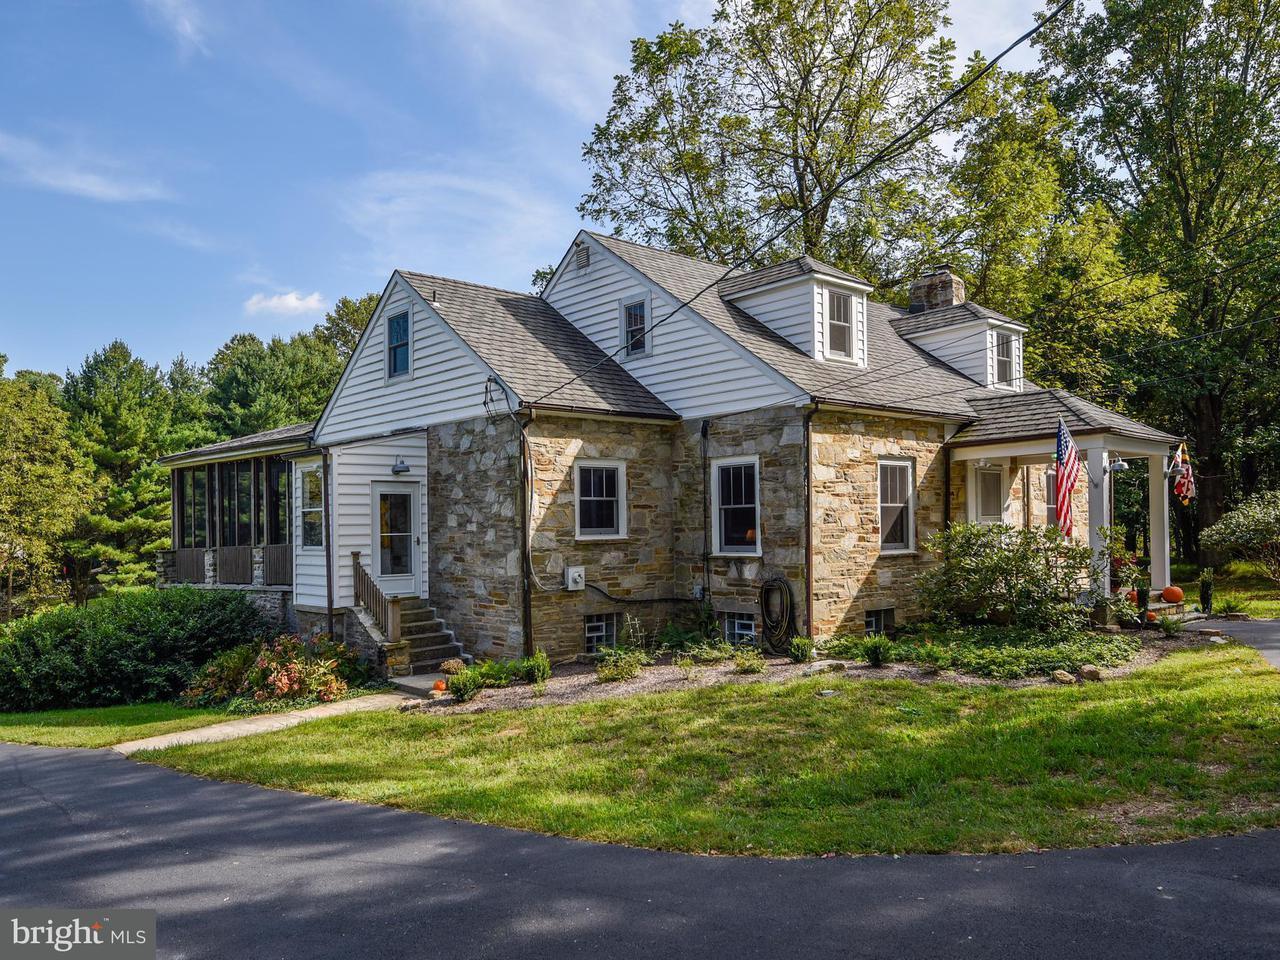 Частный односемейный дом для того Продажа на 11817 MANOR Road 11817 MANOR Road Glen Arm, Мэриленд 21057 Соединенные Штаты